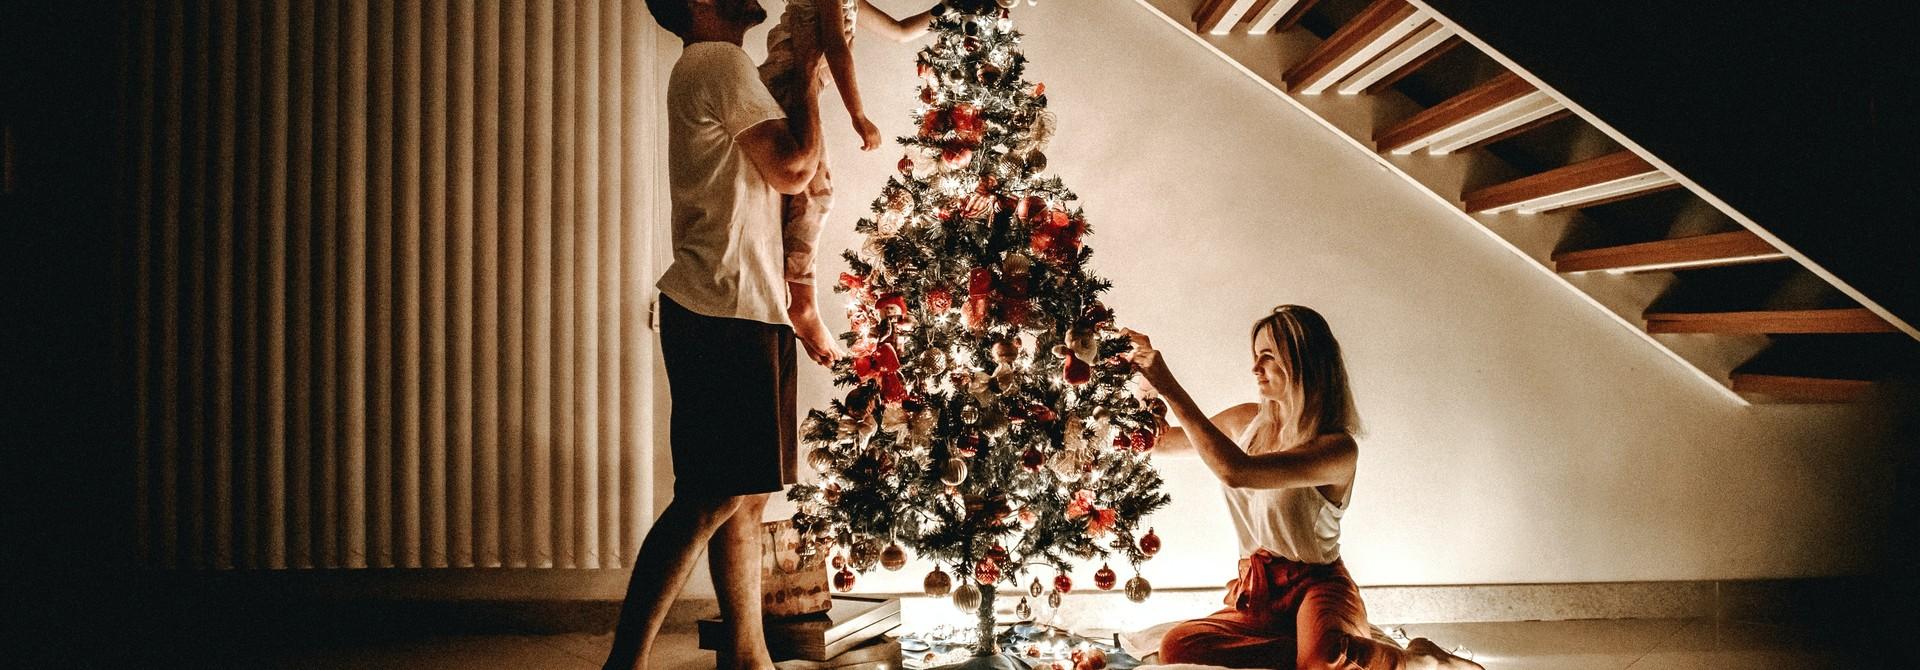 Kerstboom versieren!   Bubblebum